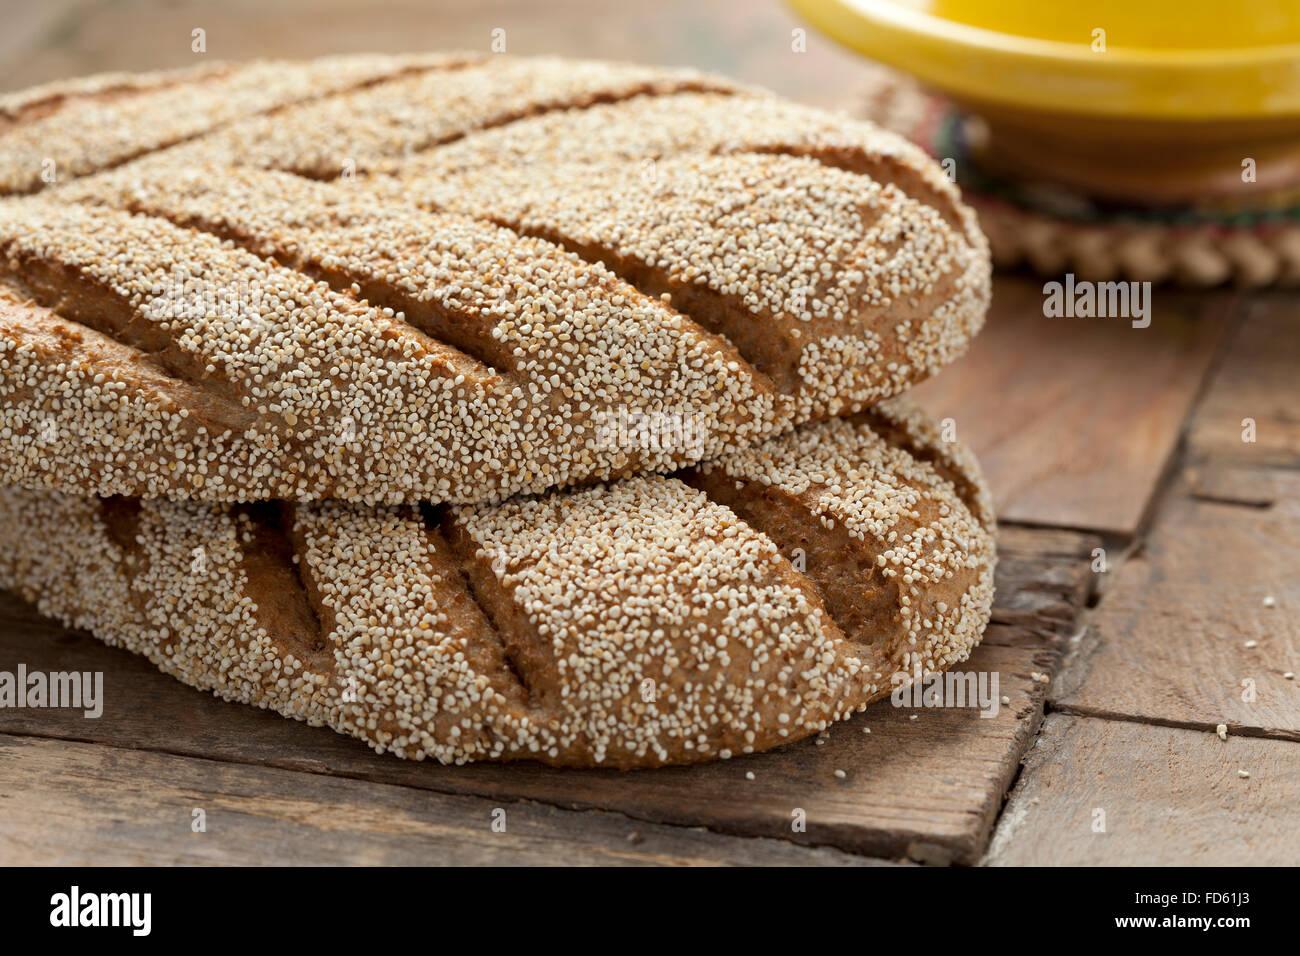 Boulangerie Pâtisserie pain de semoule marocain Photo Stock